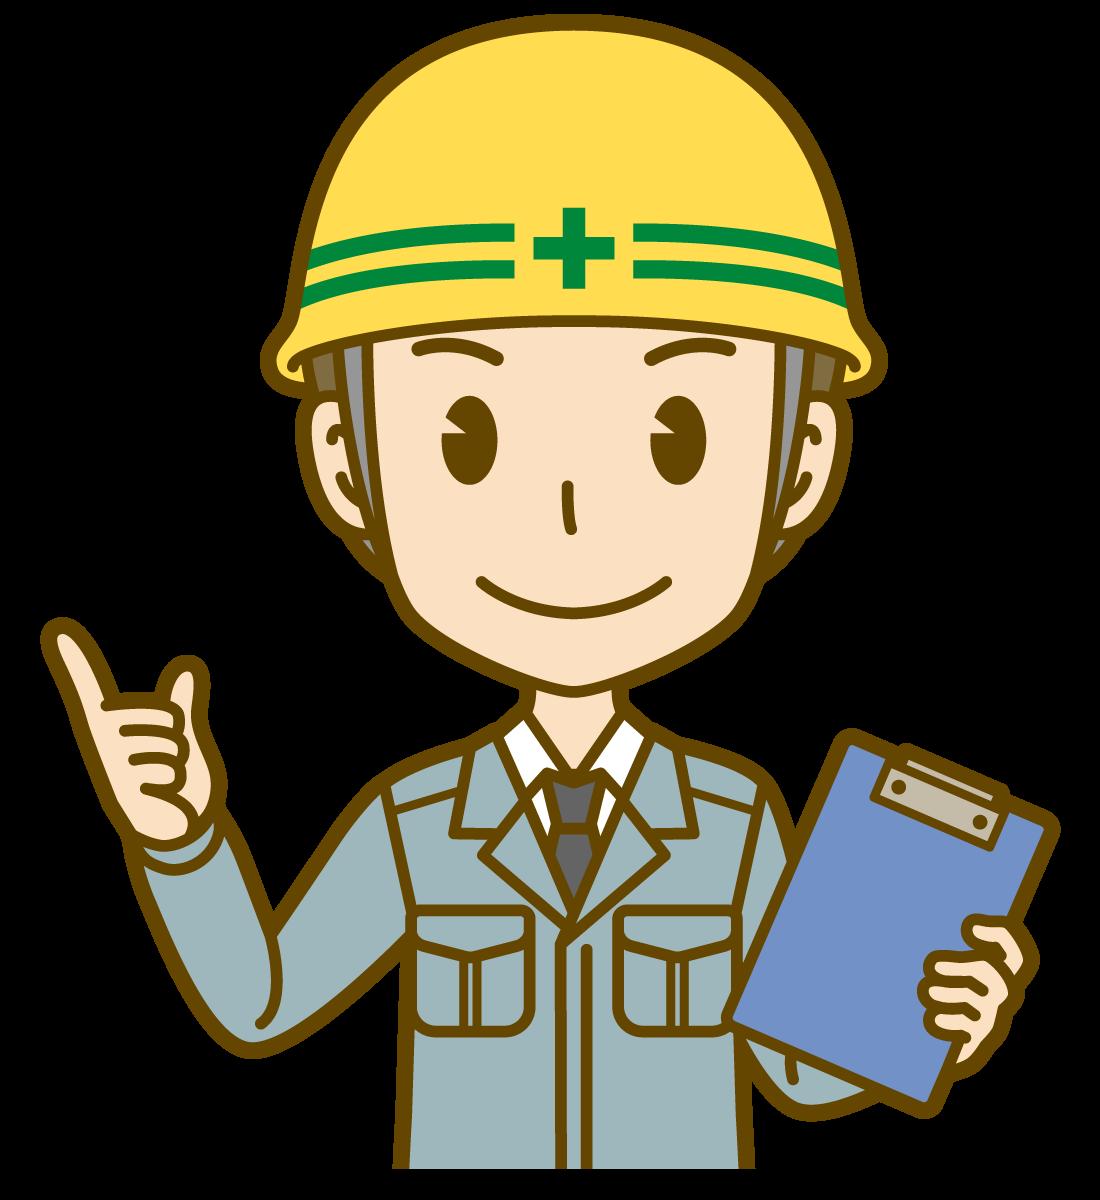 アンテナ工事の優良業者を選ぶポイント